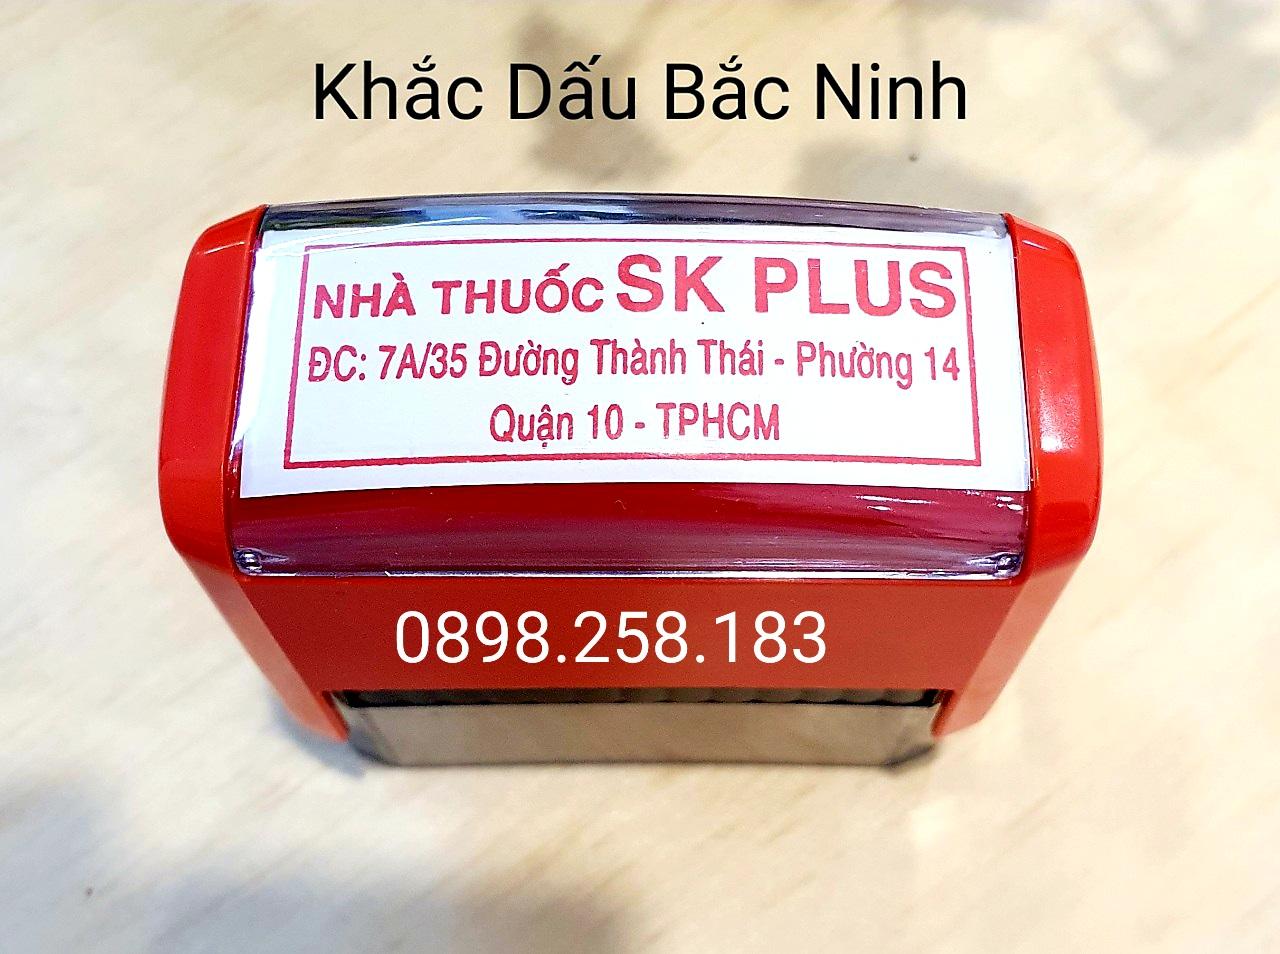 Bạn đang cần làm con dấu vuông cho cửa hàng hãy liên hệ ngay với chúng tôi, dịch vụ khắc dấu vuông tại Bắc Ninh